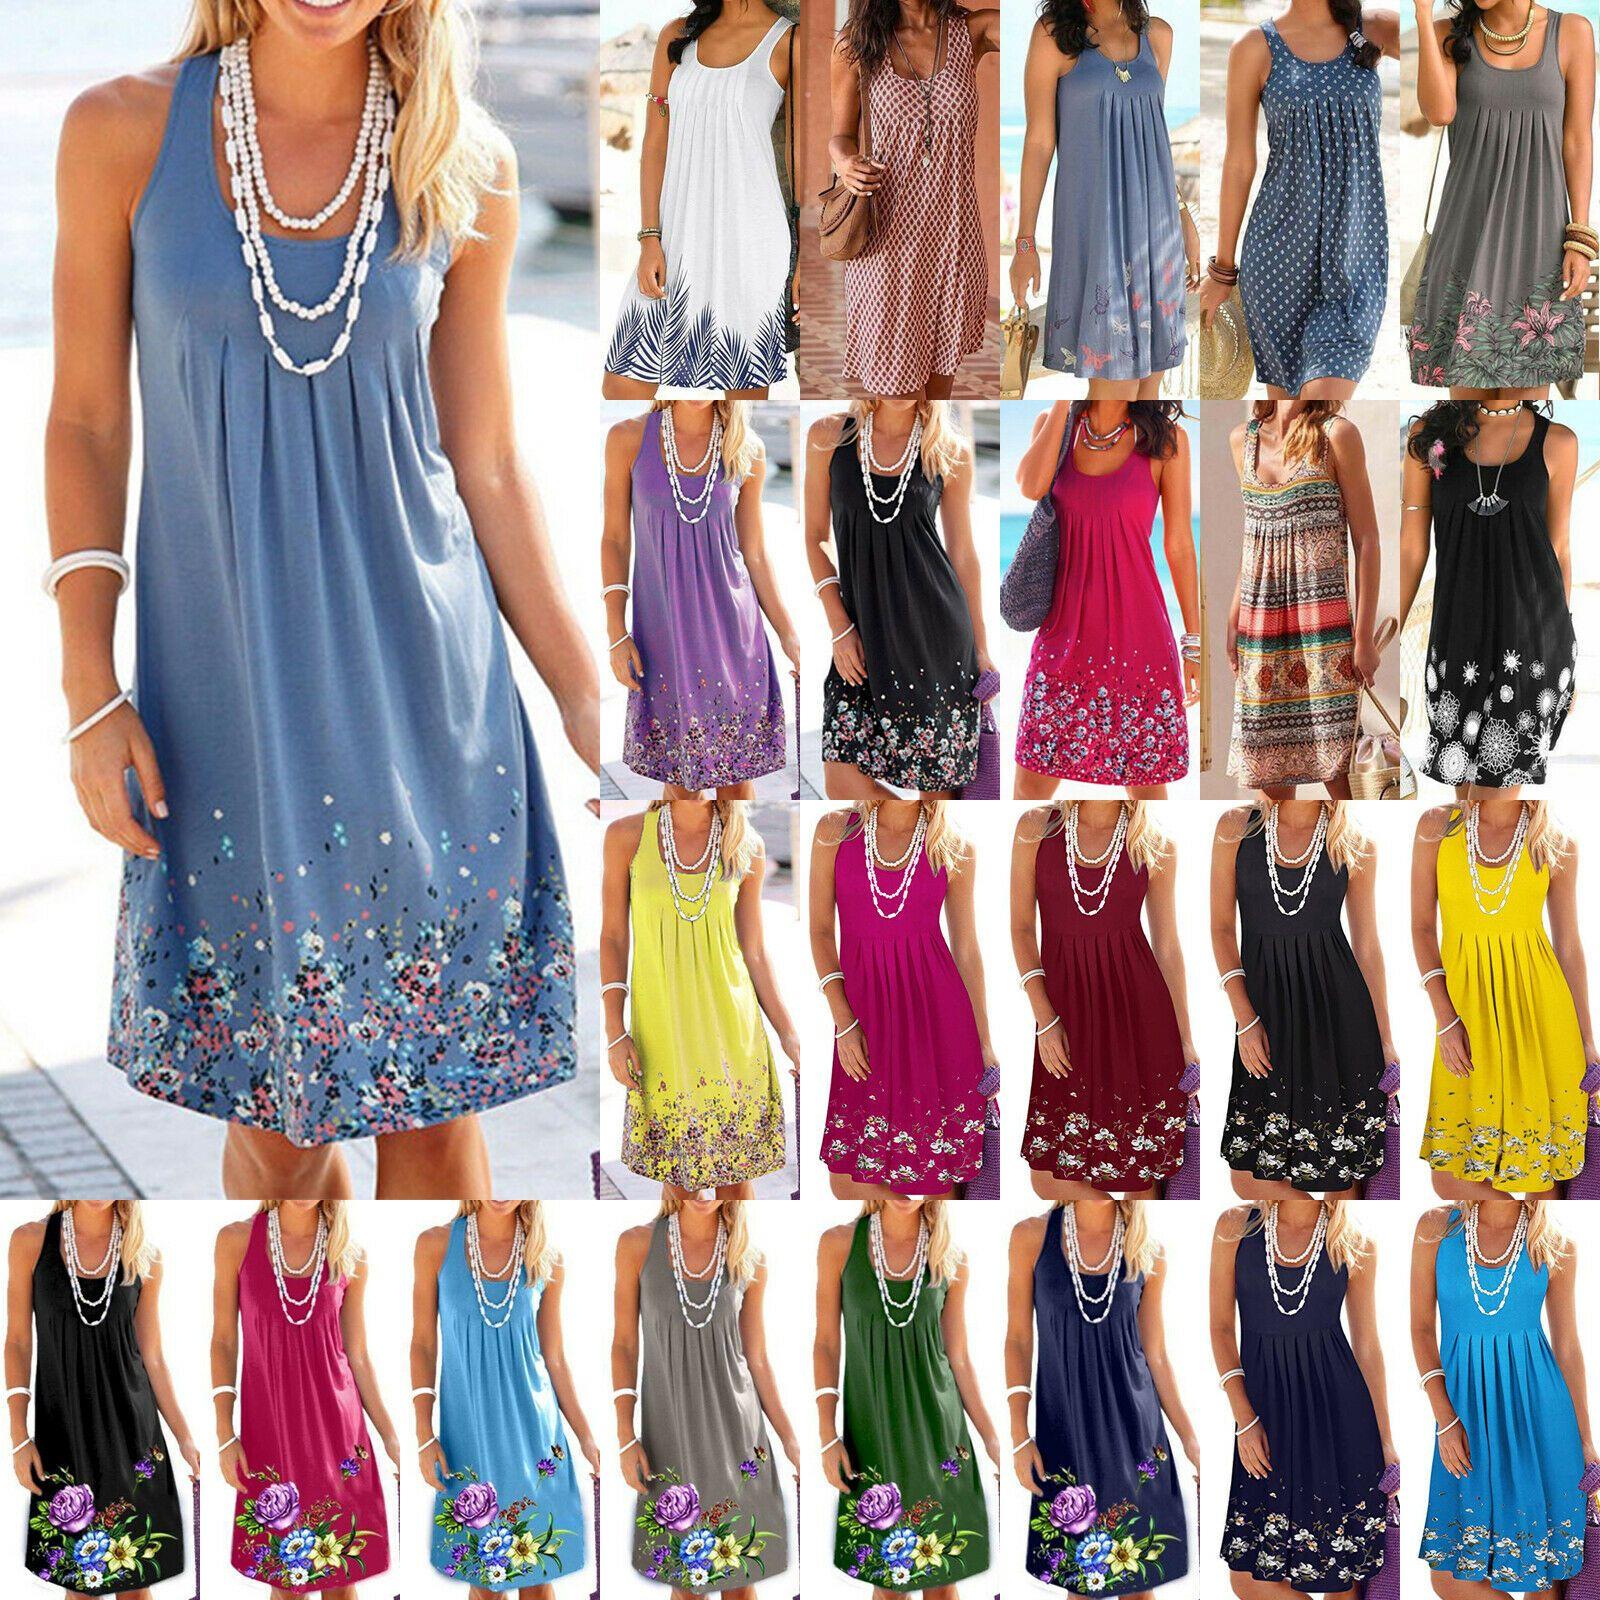 kleider damen boho hippie lose minikleid strand sommerkleid